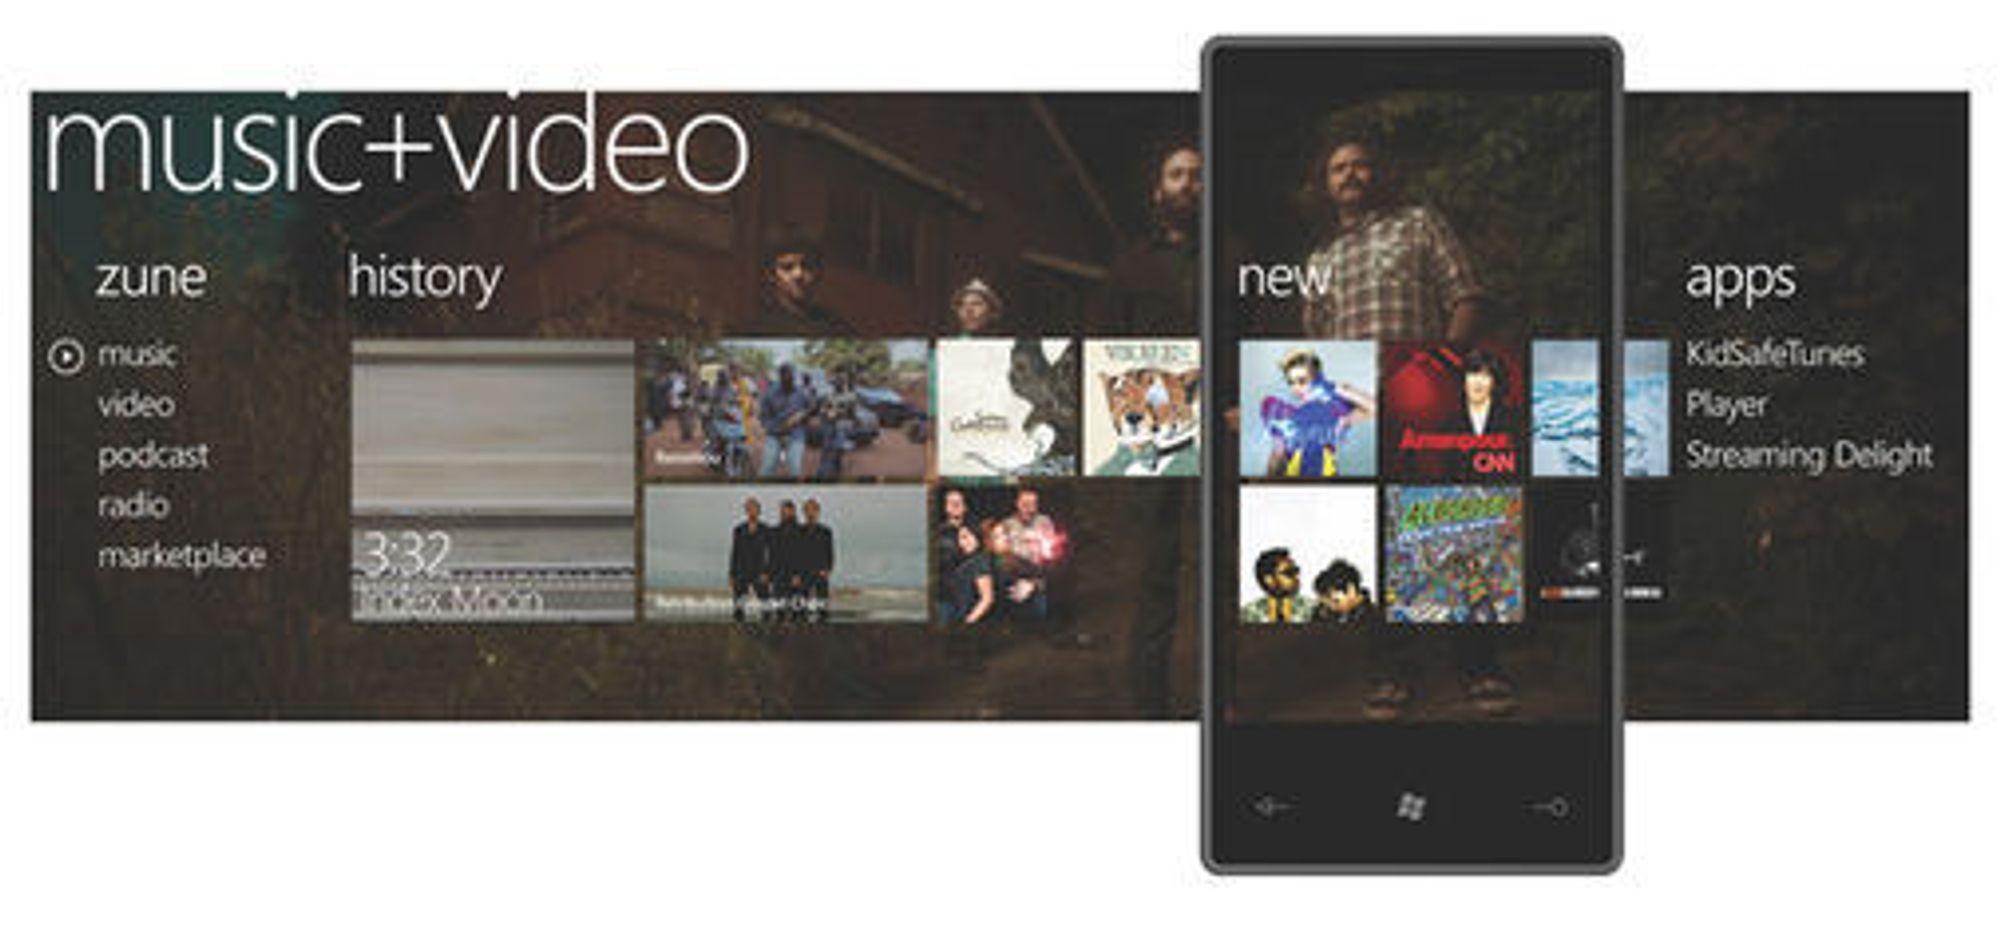 Musikk- og video-navet i Windows Phone 7 Series.